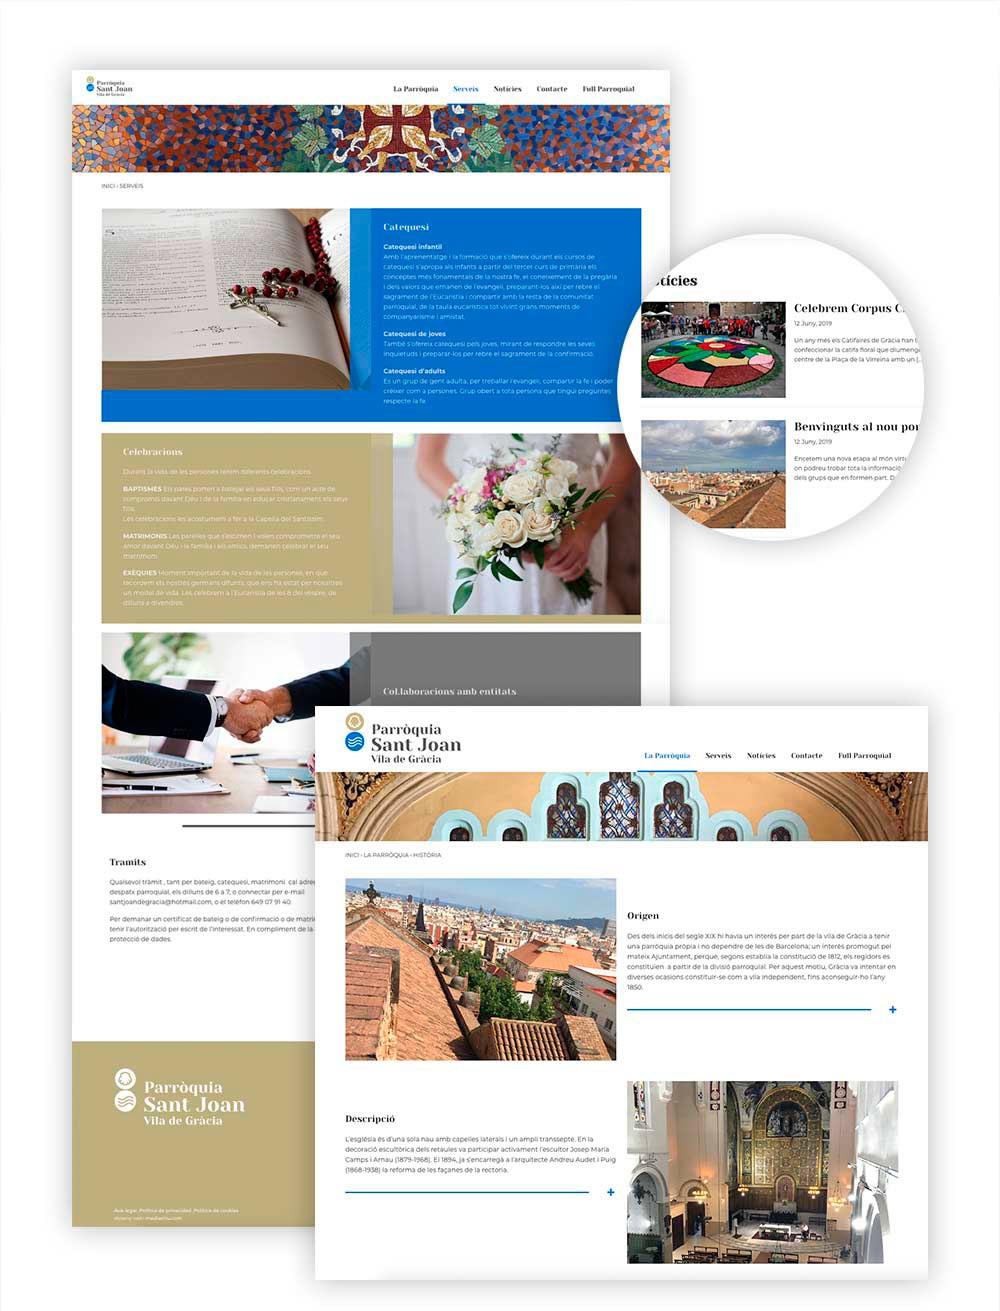 consultoria website en barcelona - Consultoría web para mejorar tus resultados